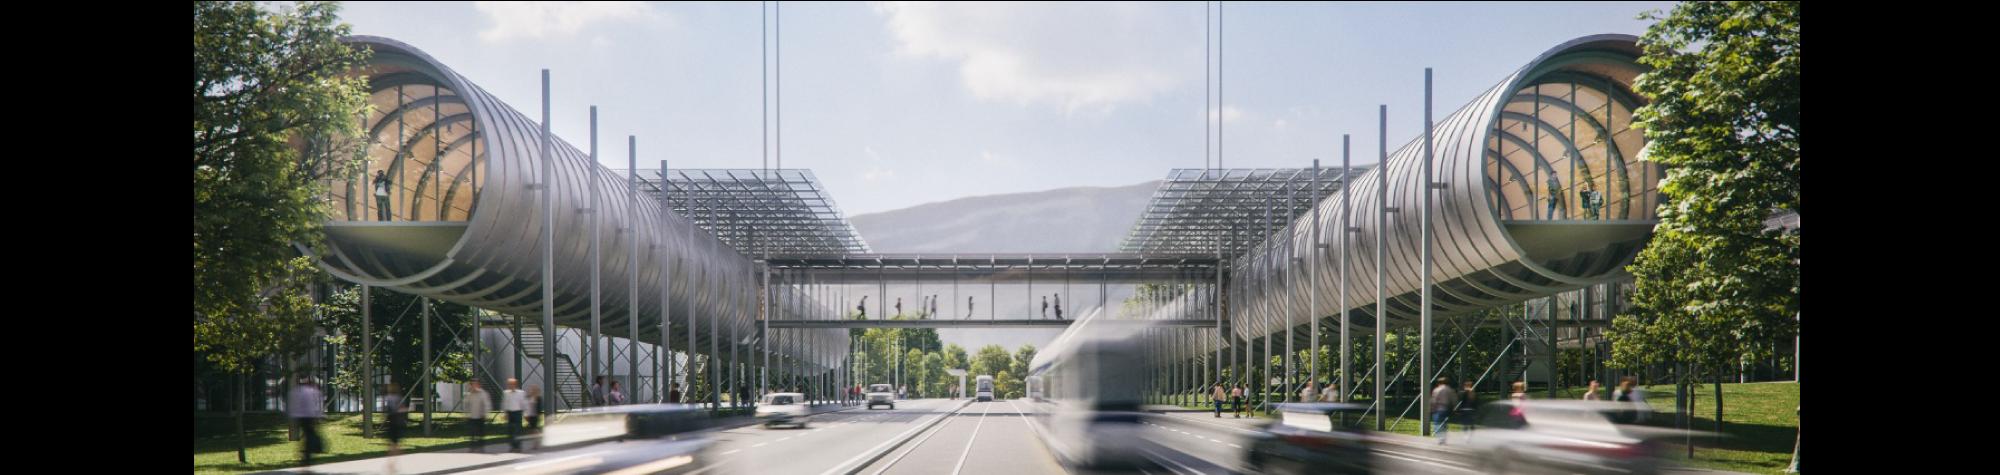 La Fondazione Agnelli e il nuovo Science Gateway del CERN di Ginevra